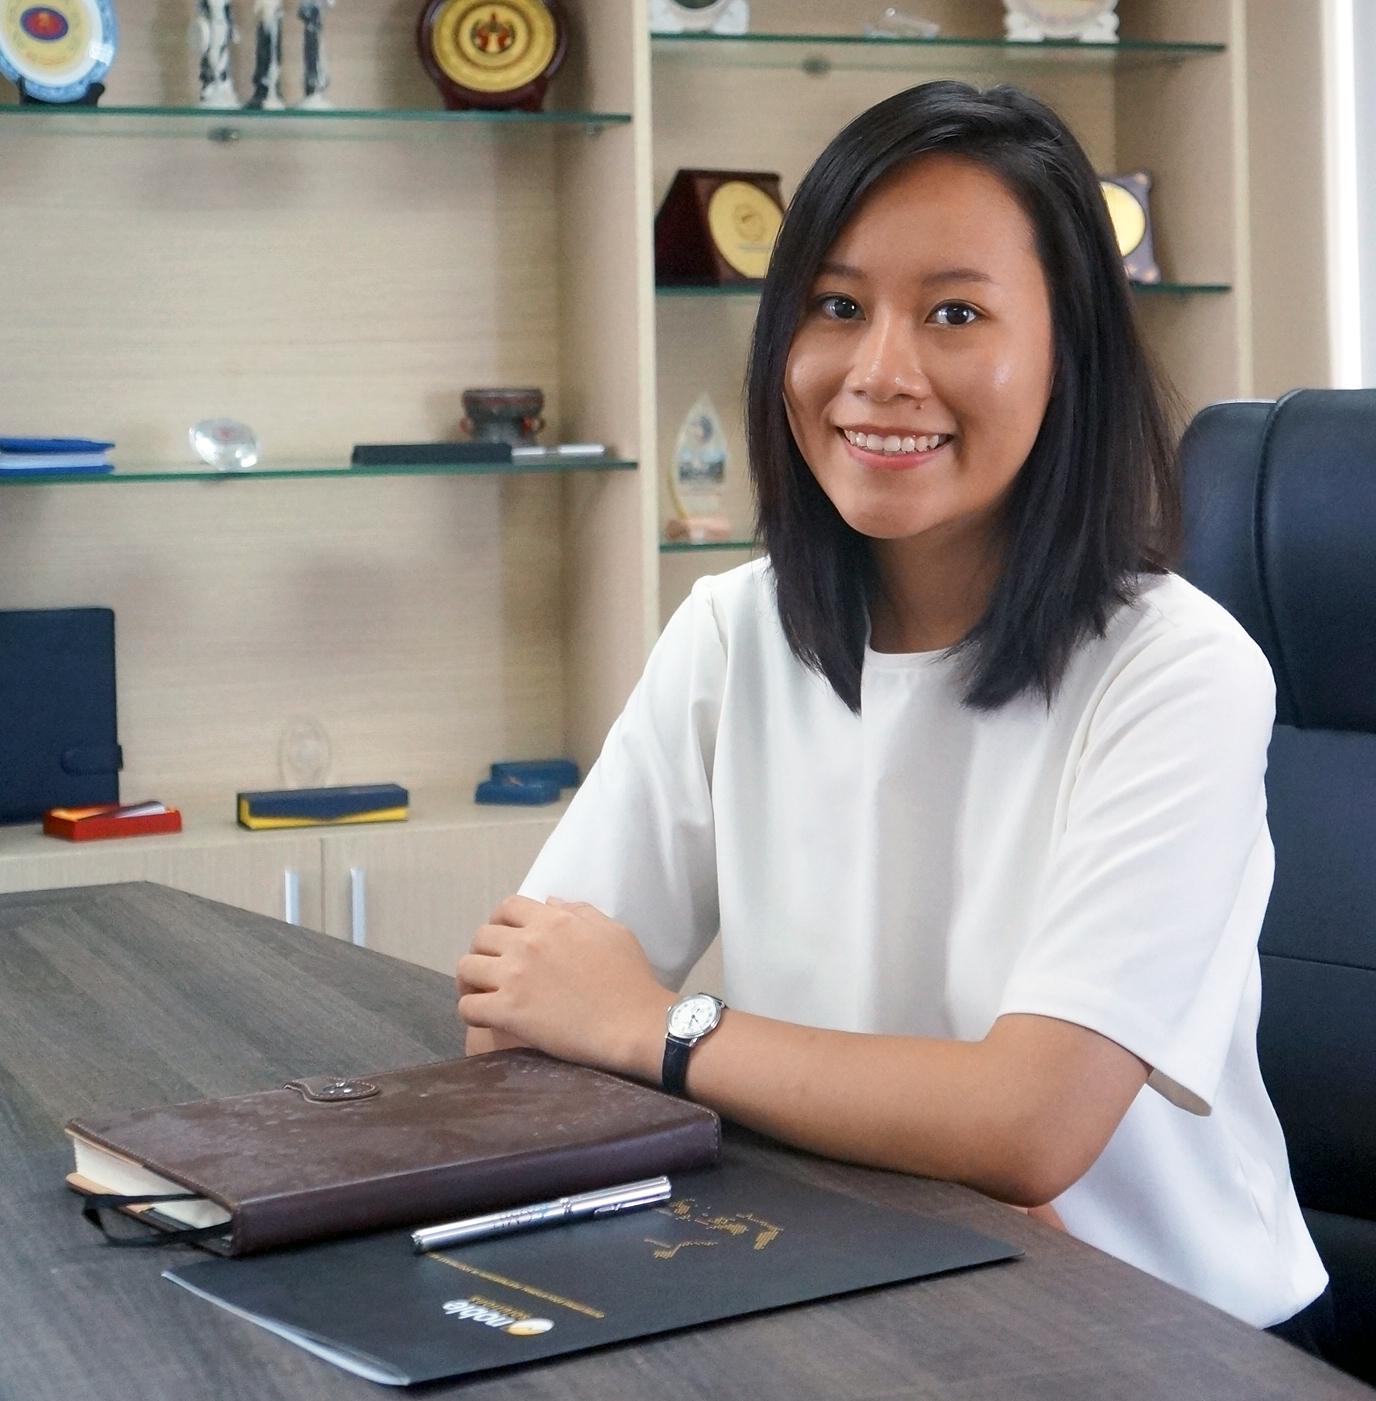 Ms. Nguyễn Hoàng Hà